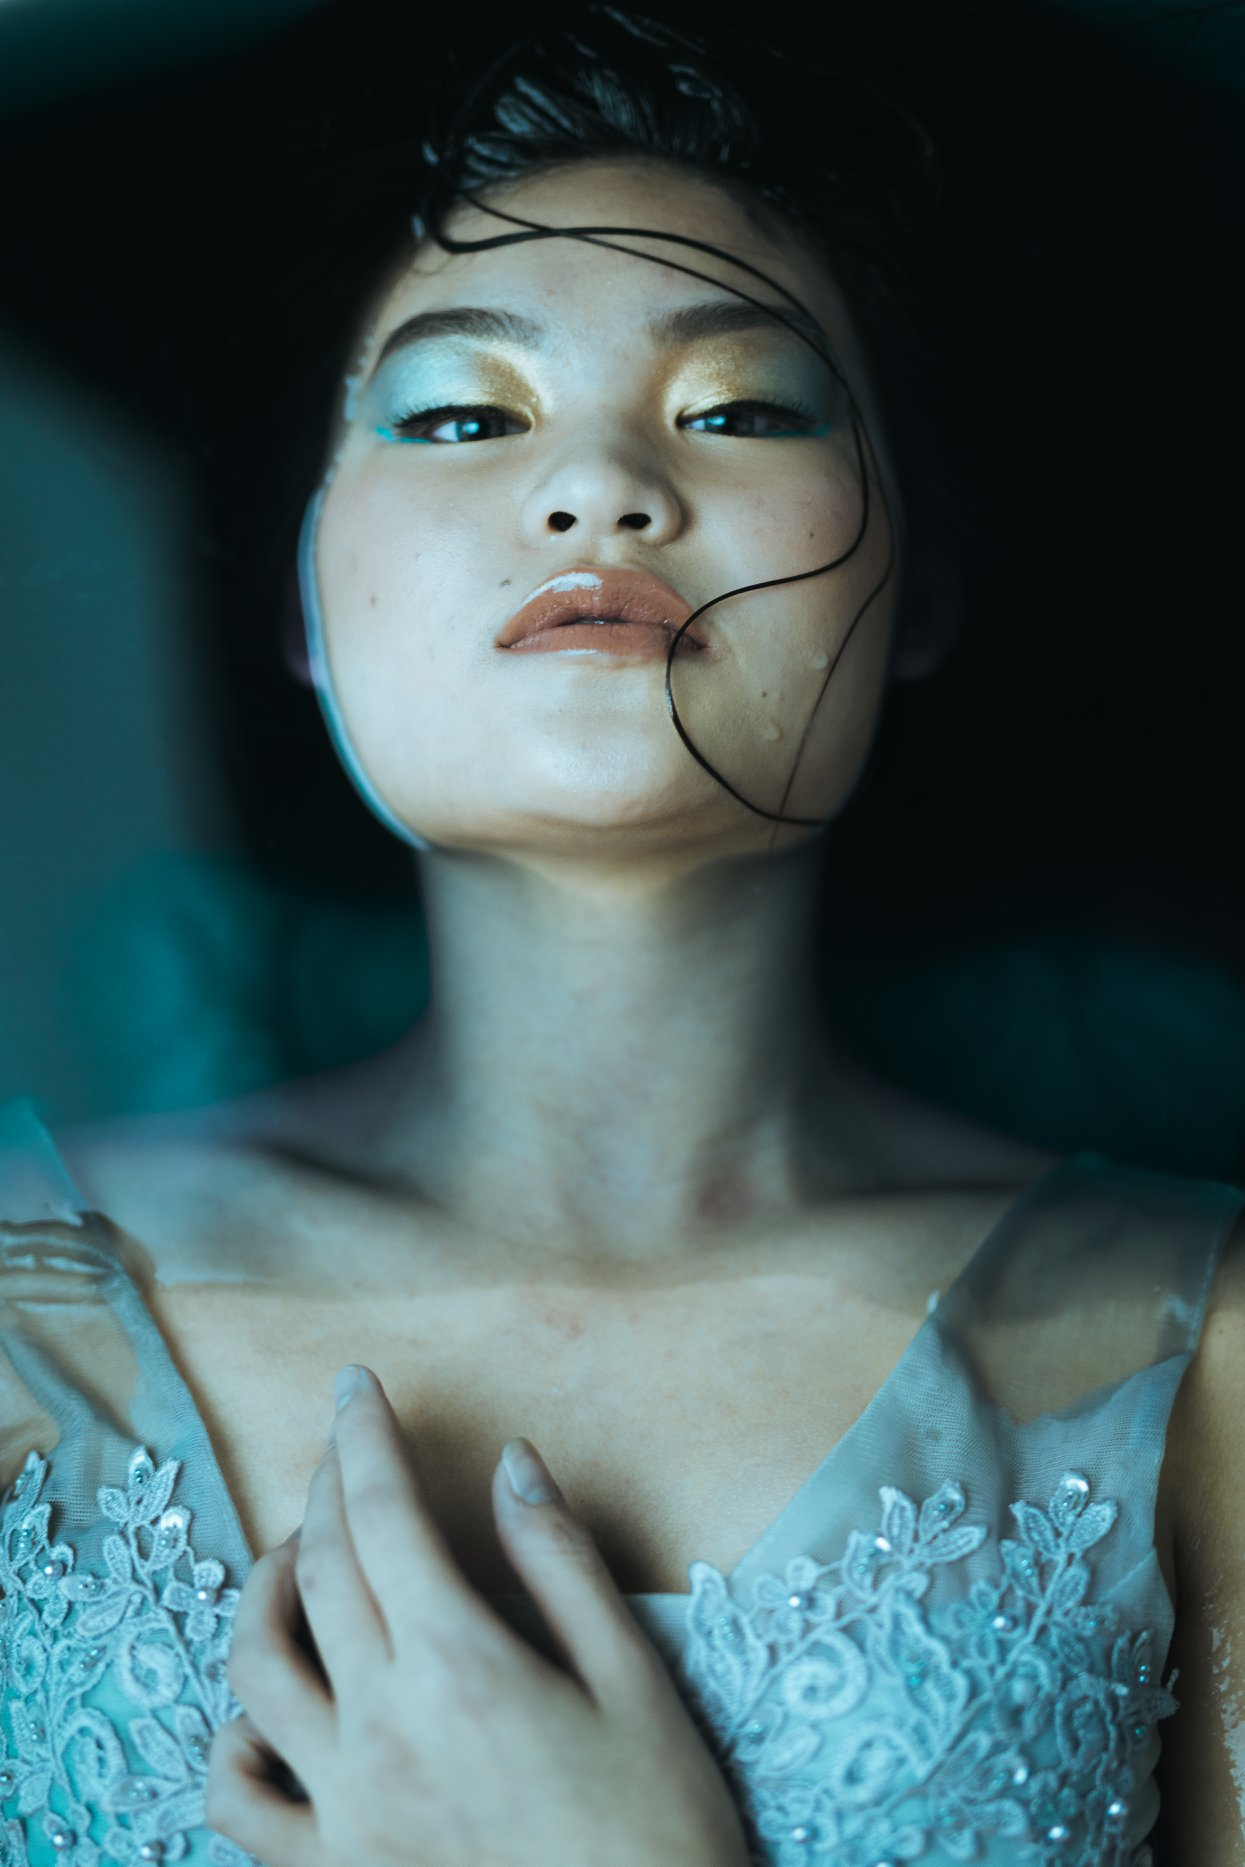 PhotographerArtist Regina Wamba MakeupLaura Elizabeth DuVall Seaboy ModelSuabNag Lee